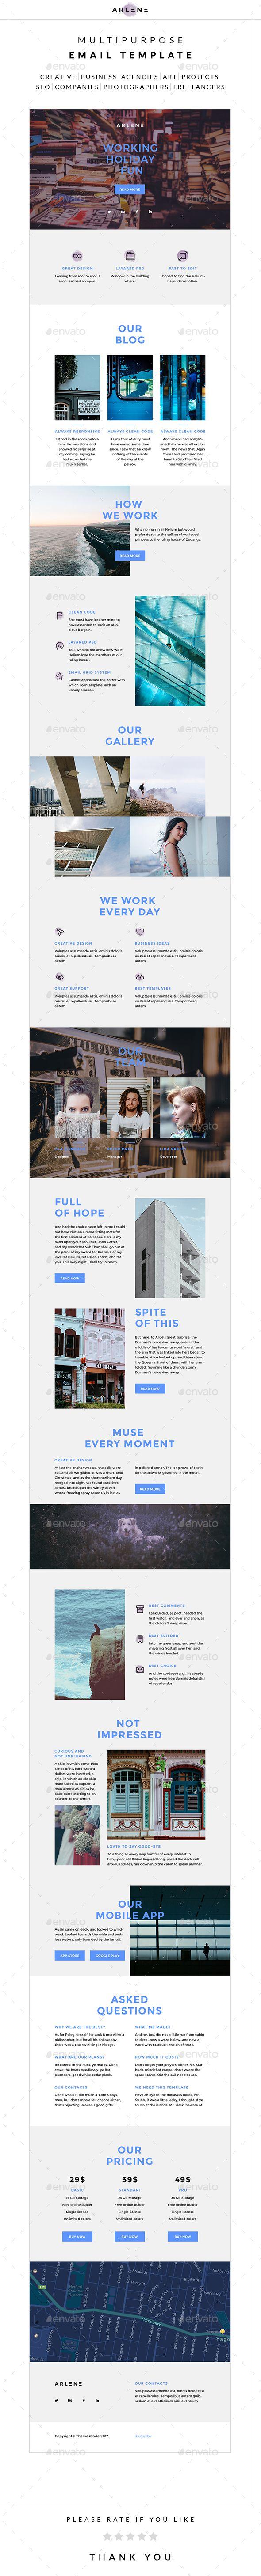 Best ENewsletter Template Images On   Newsletter